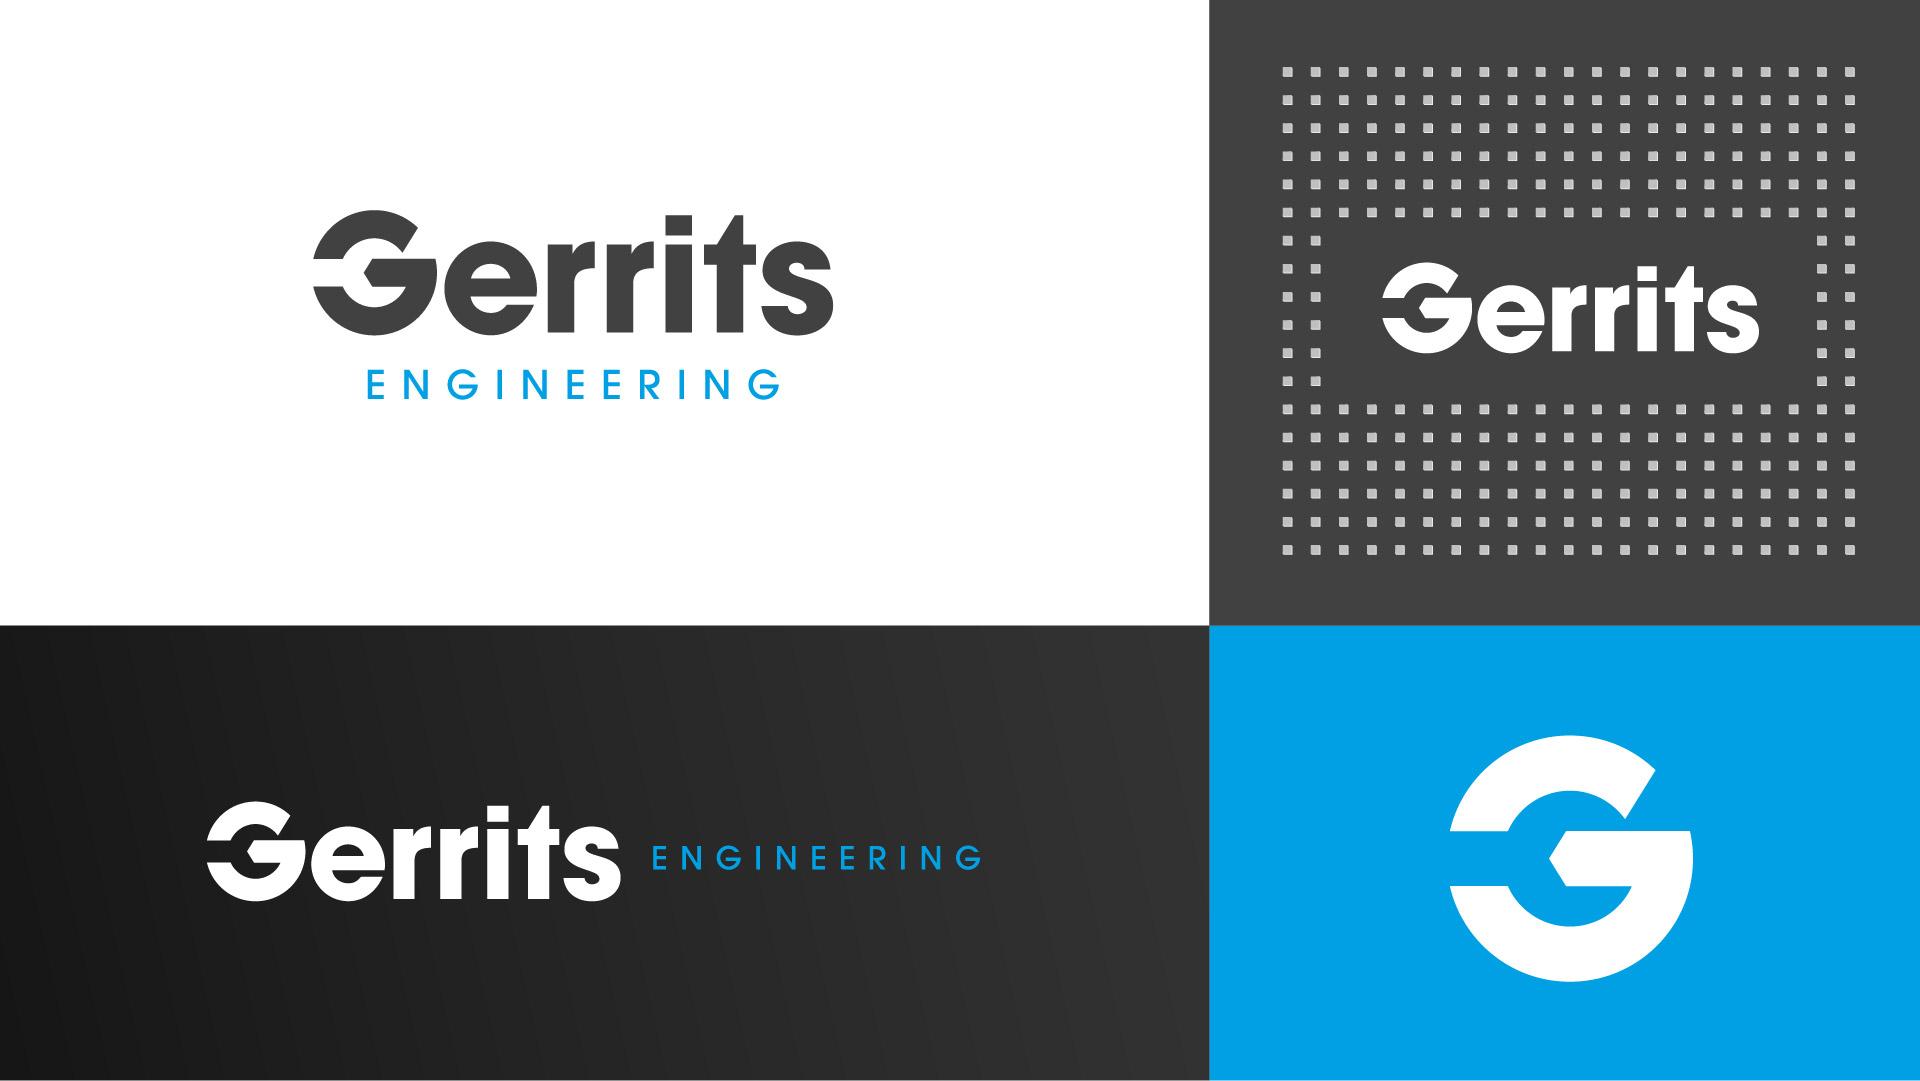 gerrits engineering logo variations